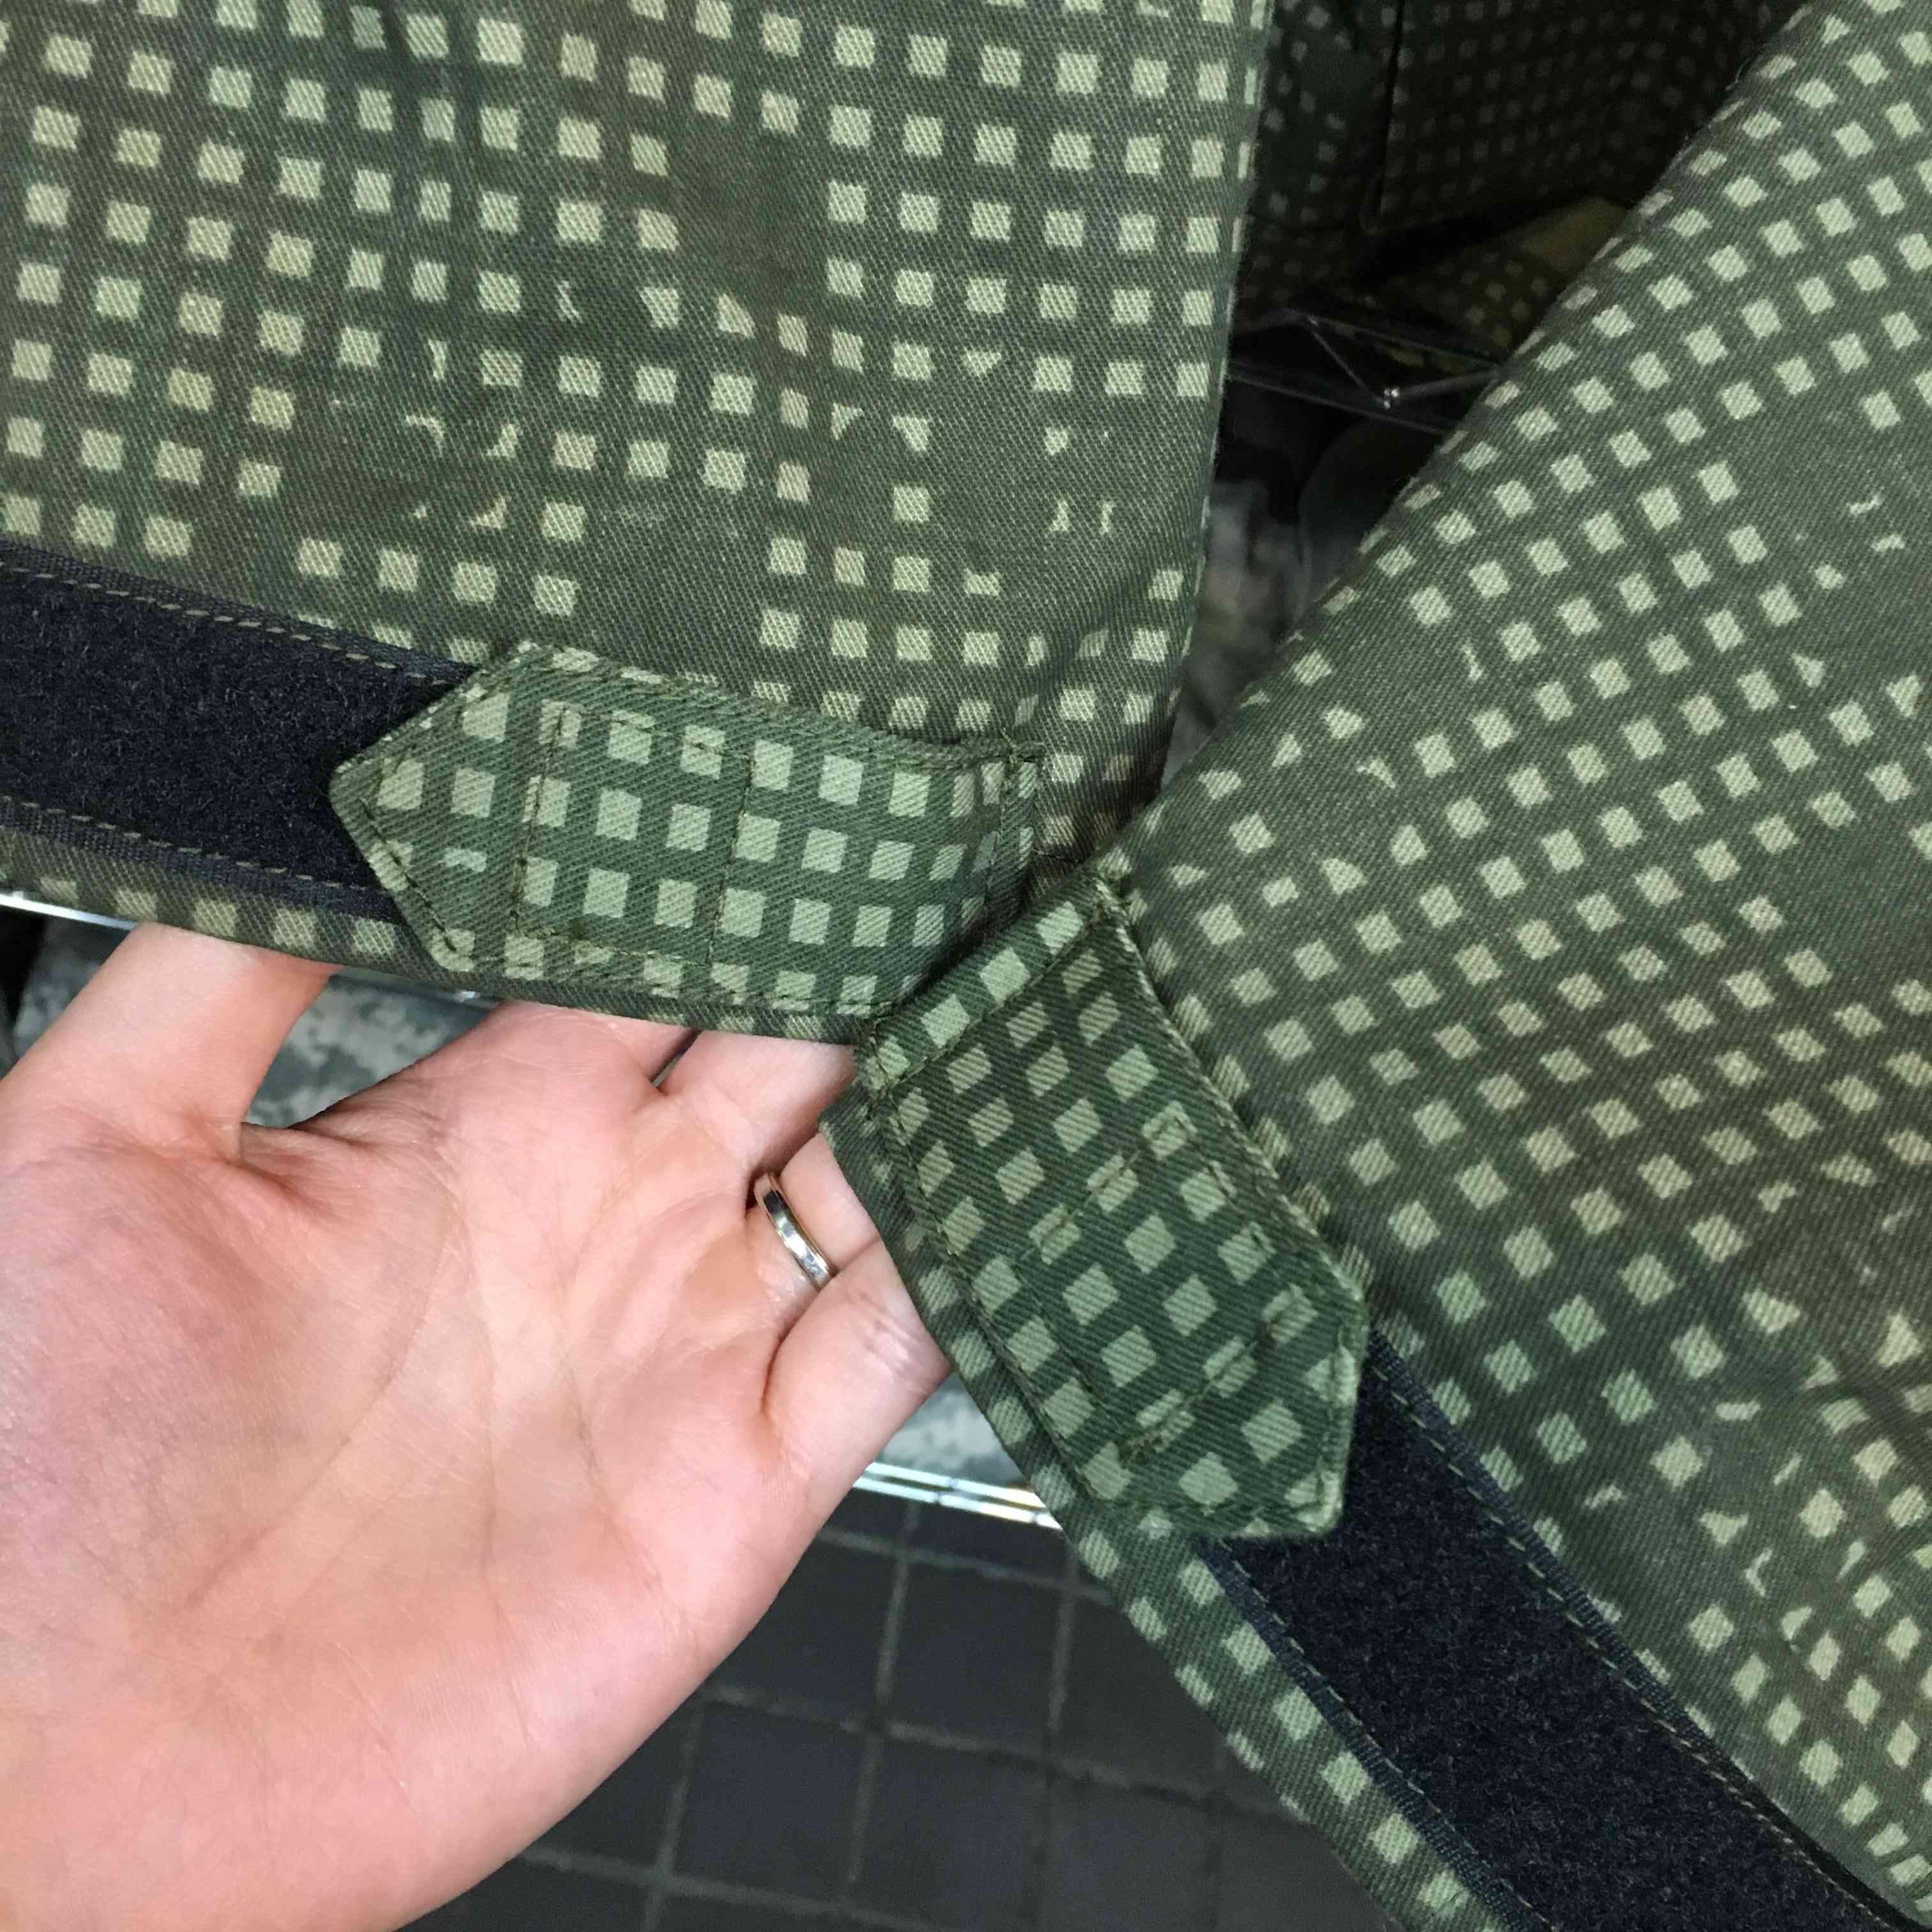 <p>両袖のボタンをベルクロ化することにより、サイズ調整も細かく楽々♪</p><br />ベルクロはBlack、TAN、OD、フォリッジグリーンよりお選び頂けます!